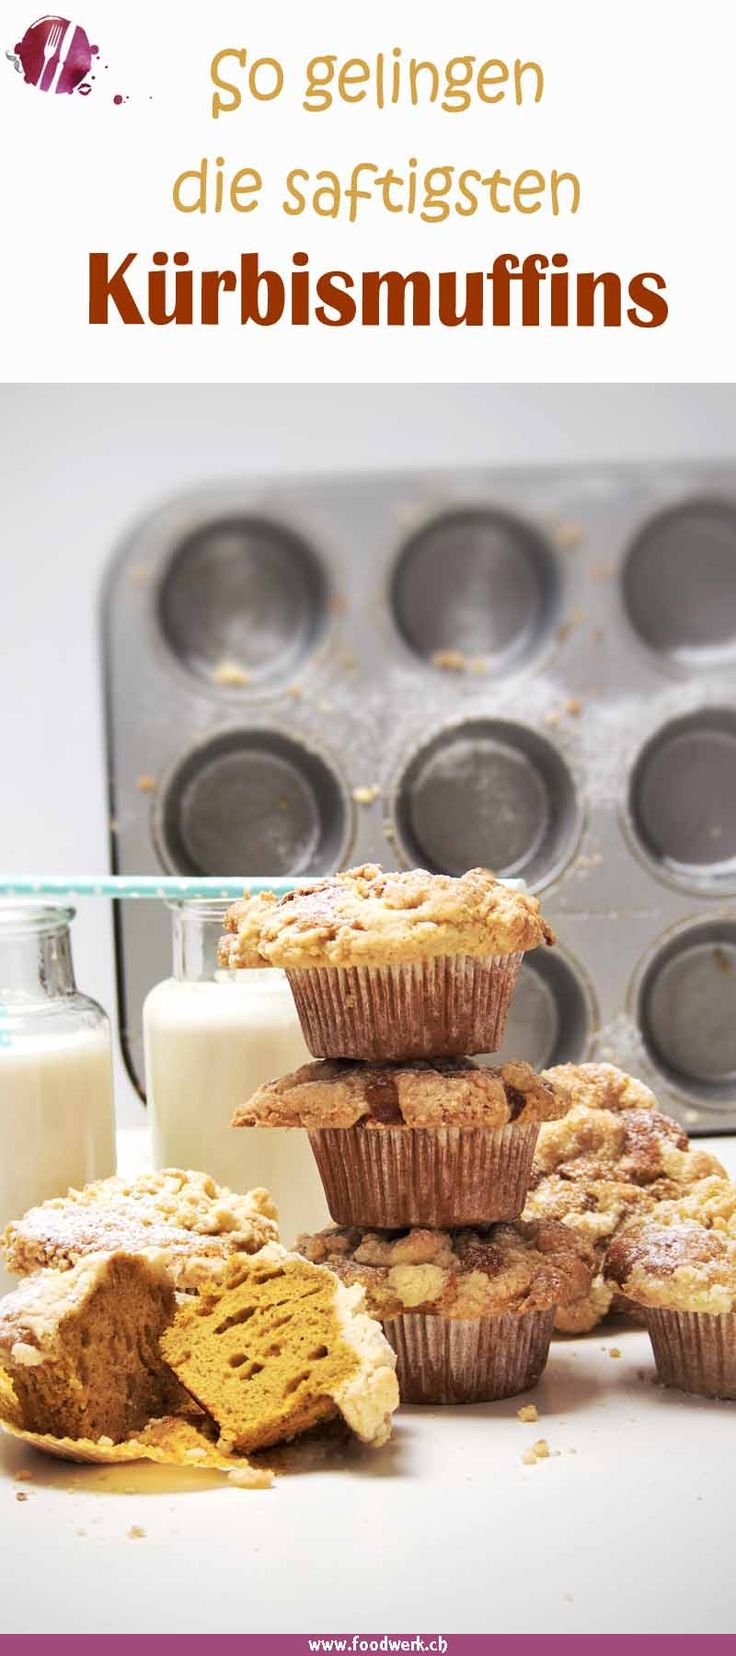 Diese Muffin mit Kürbis sind nicht nur gesünder als die normalen Muffin sondern auch noch besonders saftig. Mit diesem Rezept gelingen euch die saftigen Kürbismuffin garantiert. Mit den Streuseln haben sie noch einen super Crunch.